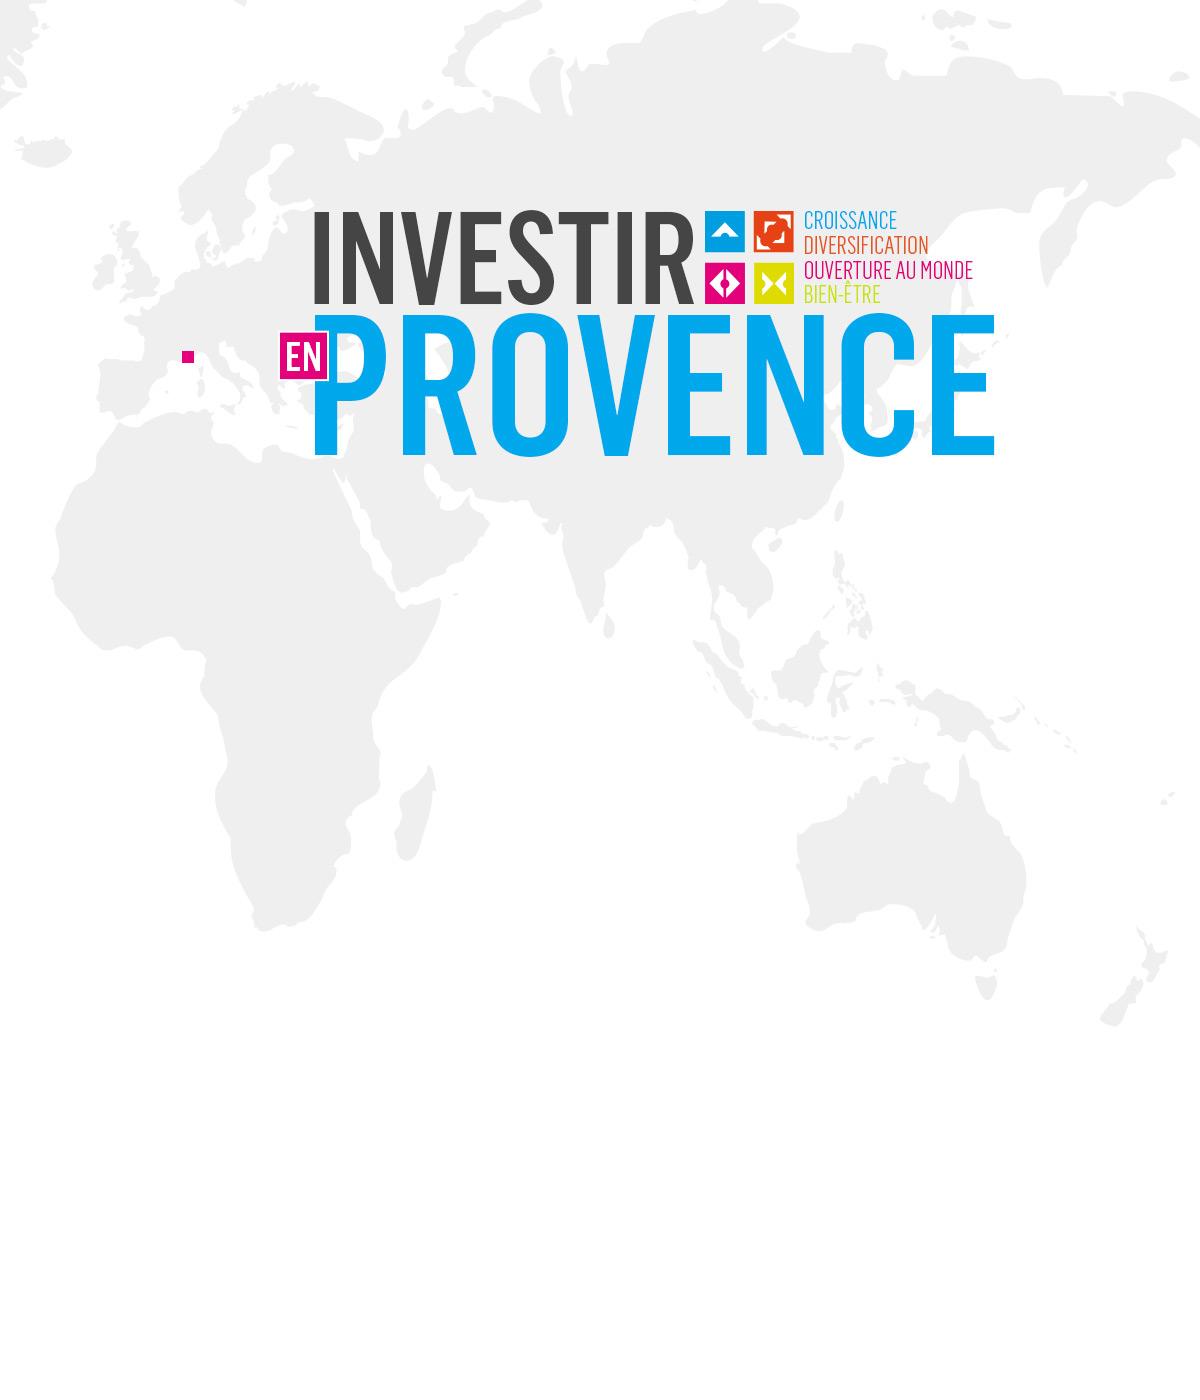 Les entreprises qui choisissent Aix-Marseille Provence le font pour la croissance, la diversification, l'ouverture au monde et pour le bien-être de leurs collaborateurs.